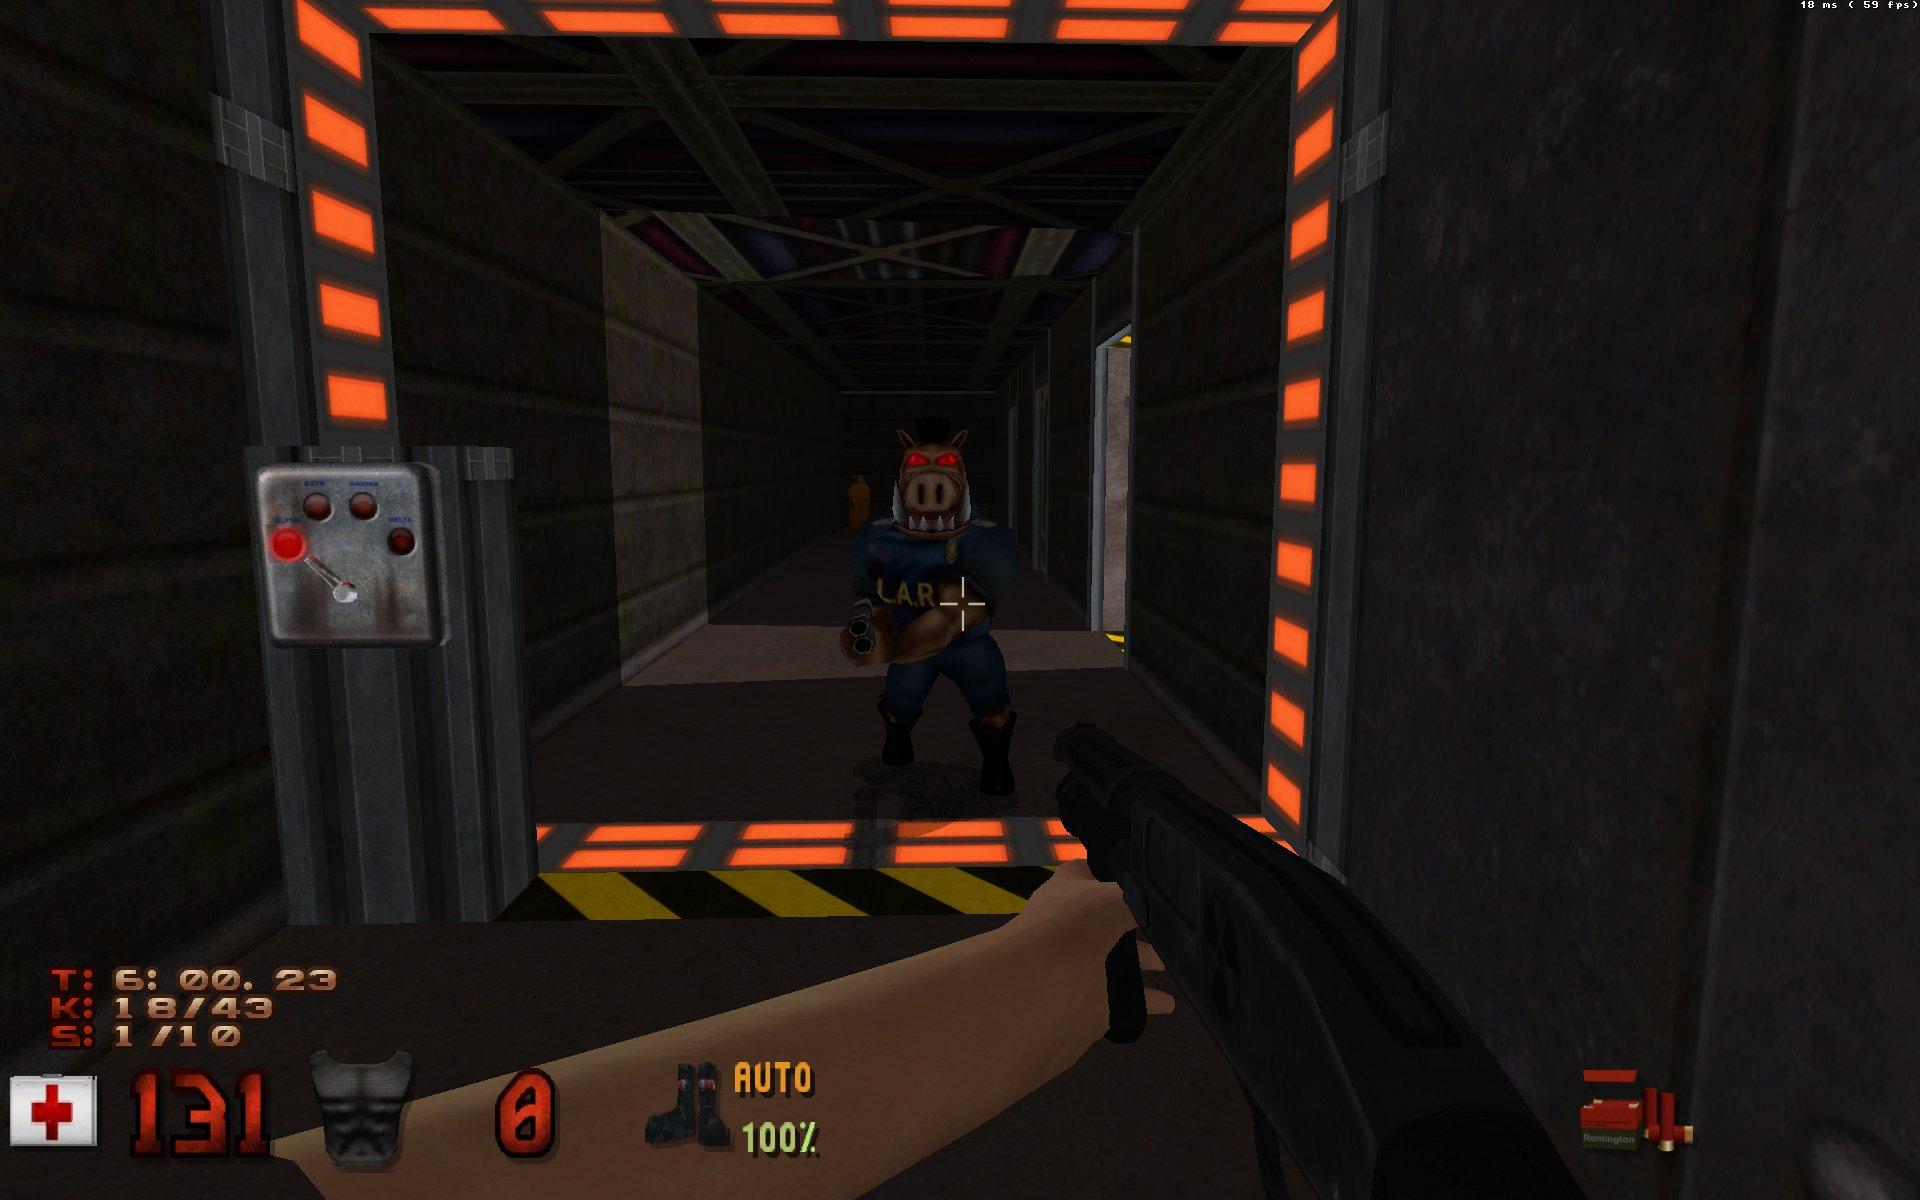 Une capture d'écran du jeu Duke Nukem 3D, montrant l'un des ennemis, un genre de sanglier humanoïde aux yeux rouges, avec un fusil à pompe et une tenue de policier américain.